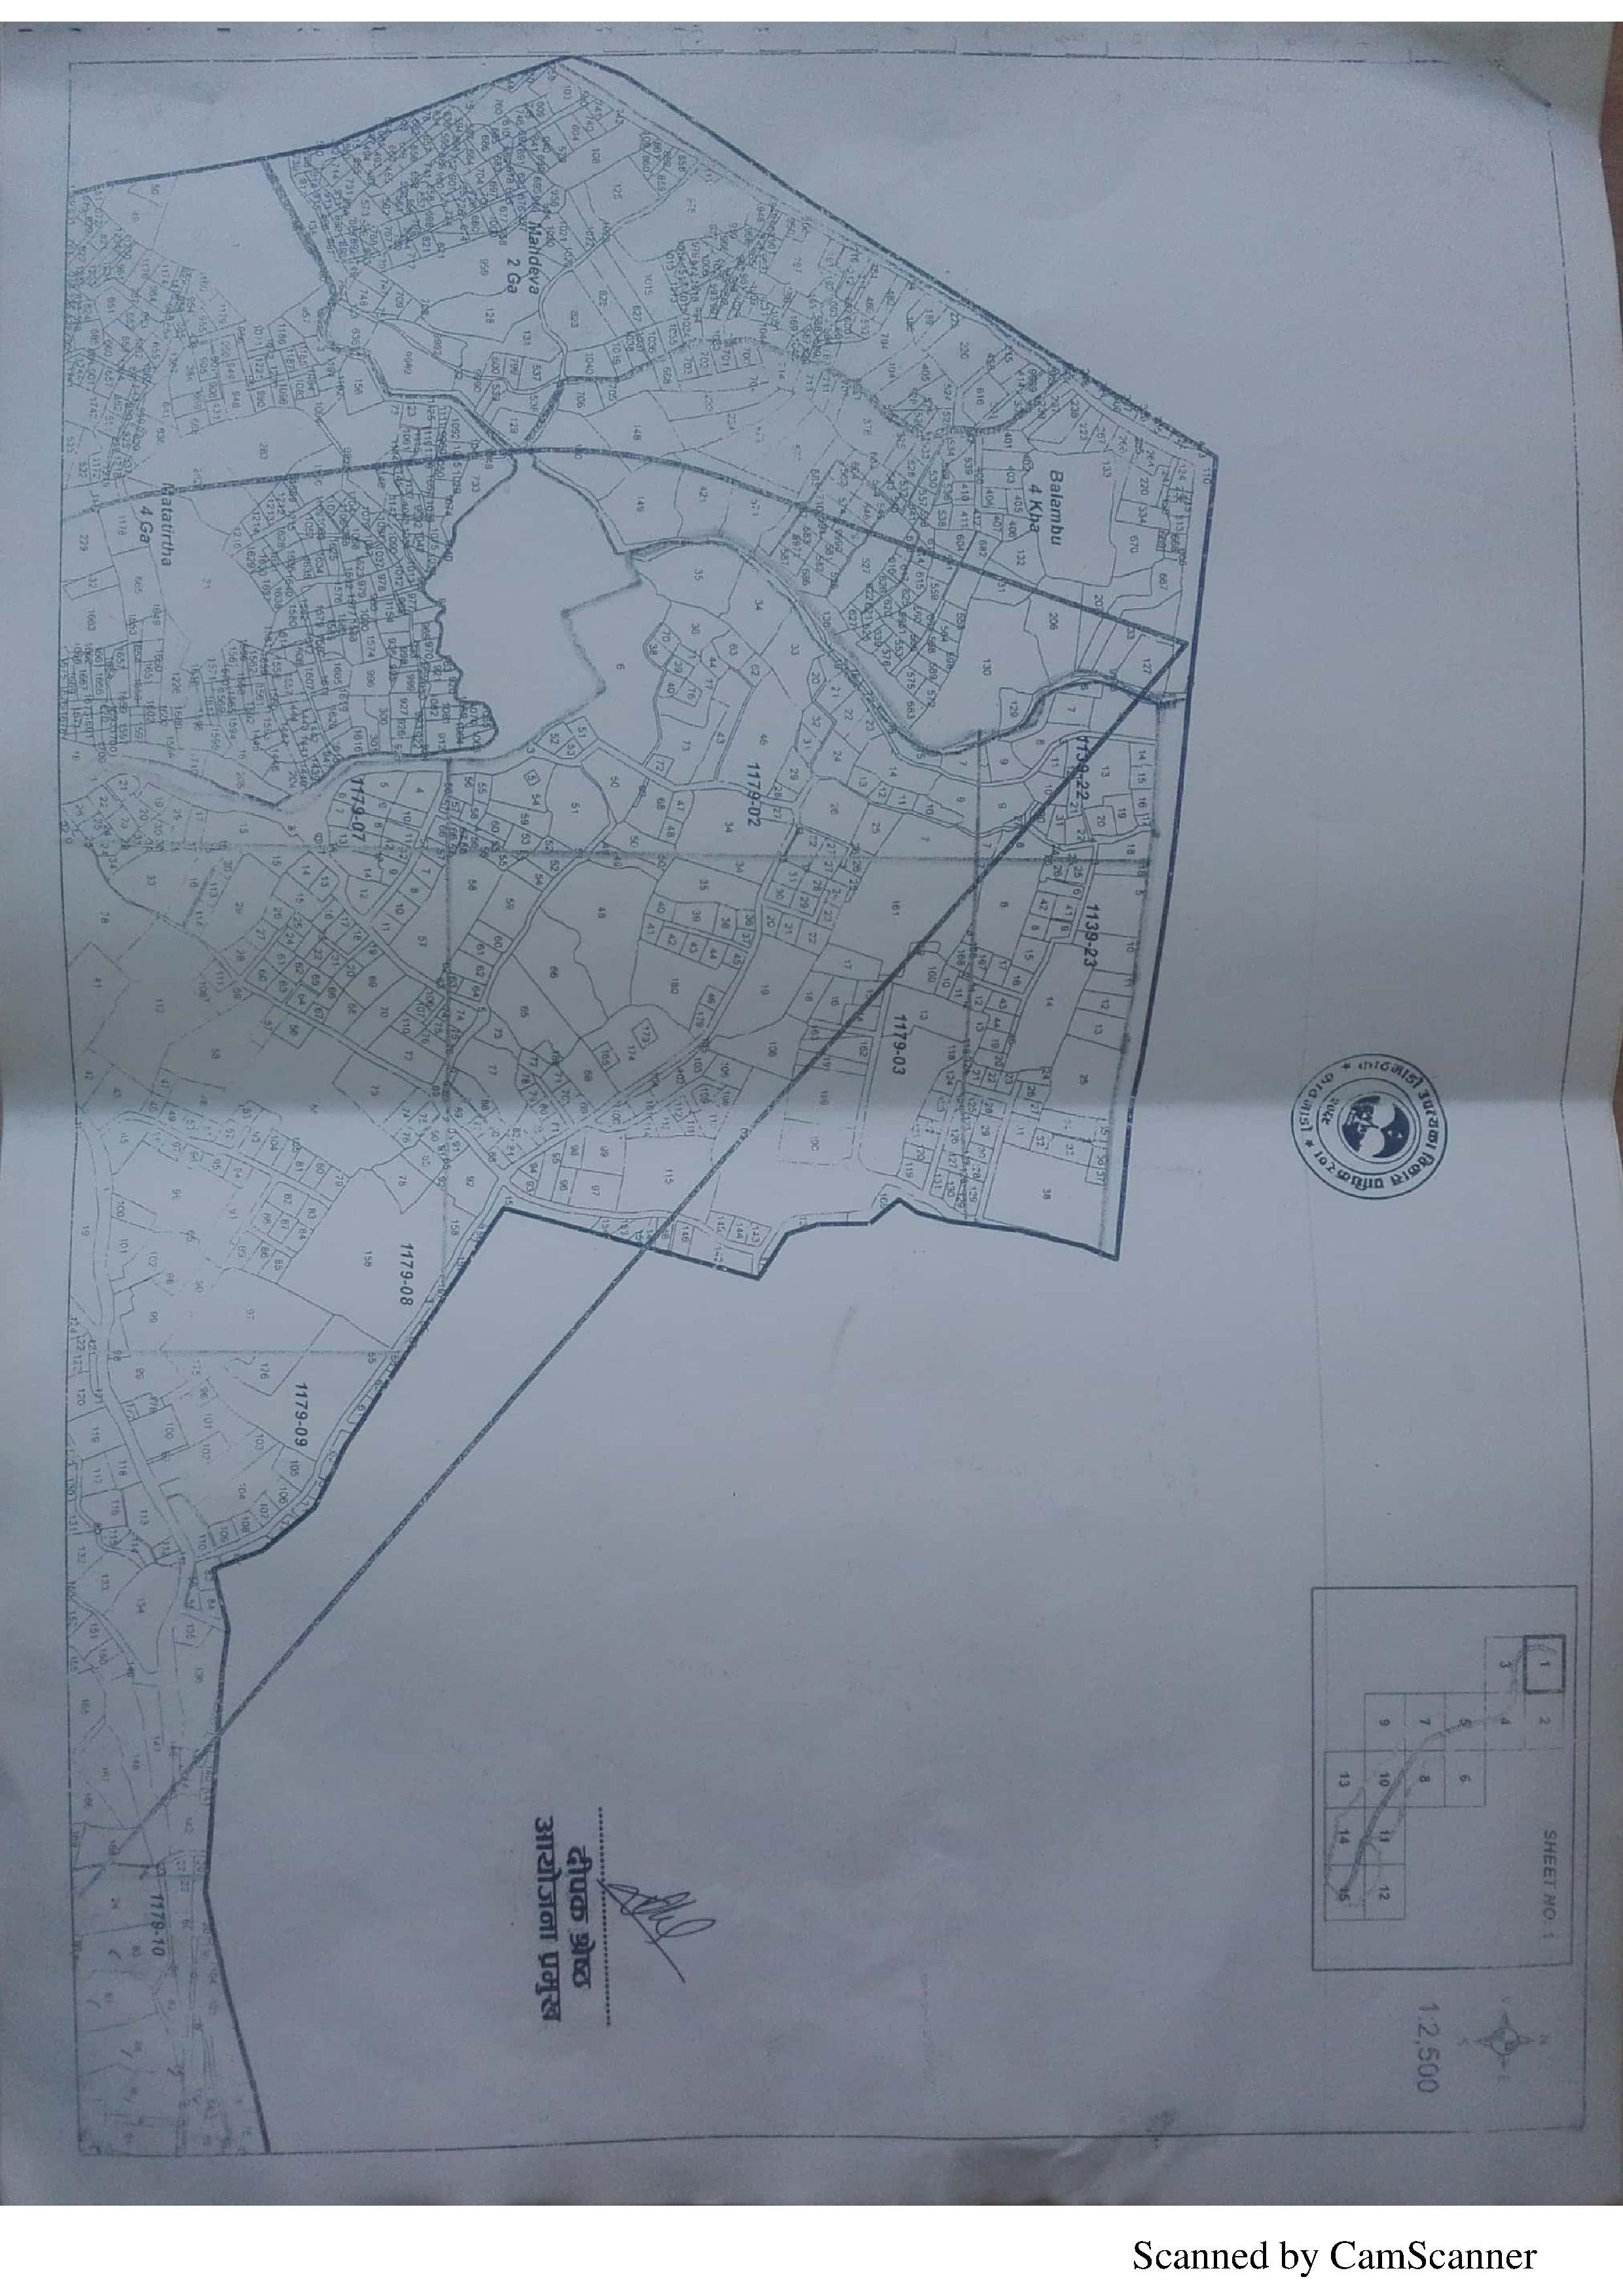 Chandragirinews outer-ring-road बाहिरी चक्रपथको डि.पि.आर. (कित्ता न. सहित) तीनथाना दहचोक नगरपालिका नैकाप नयाँ भन्ज्यांग नैकाप पुरानो भन्ज्यांग बोसिंगाउँ ब्रेकिंग न्युज मछेगाउँ मातातिर्थ मुख्य राष्ट्रिय सतुंगल    chandragiri